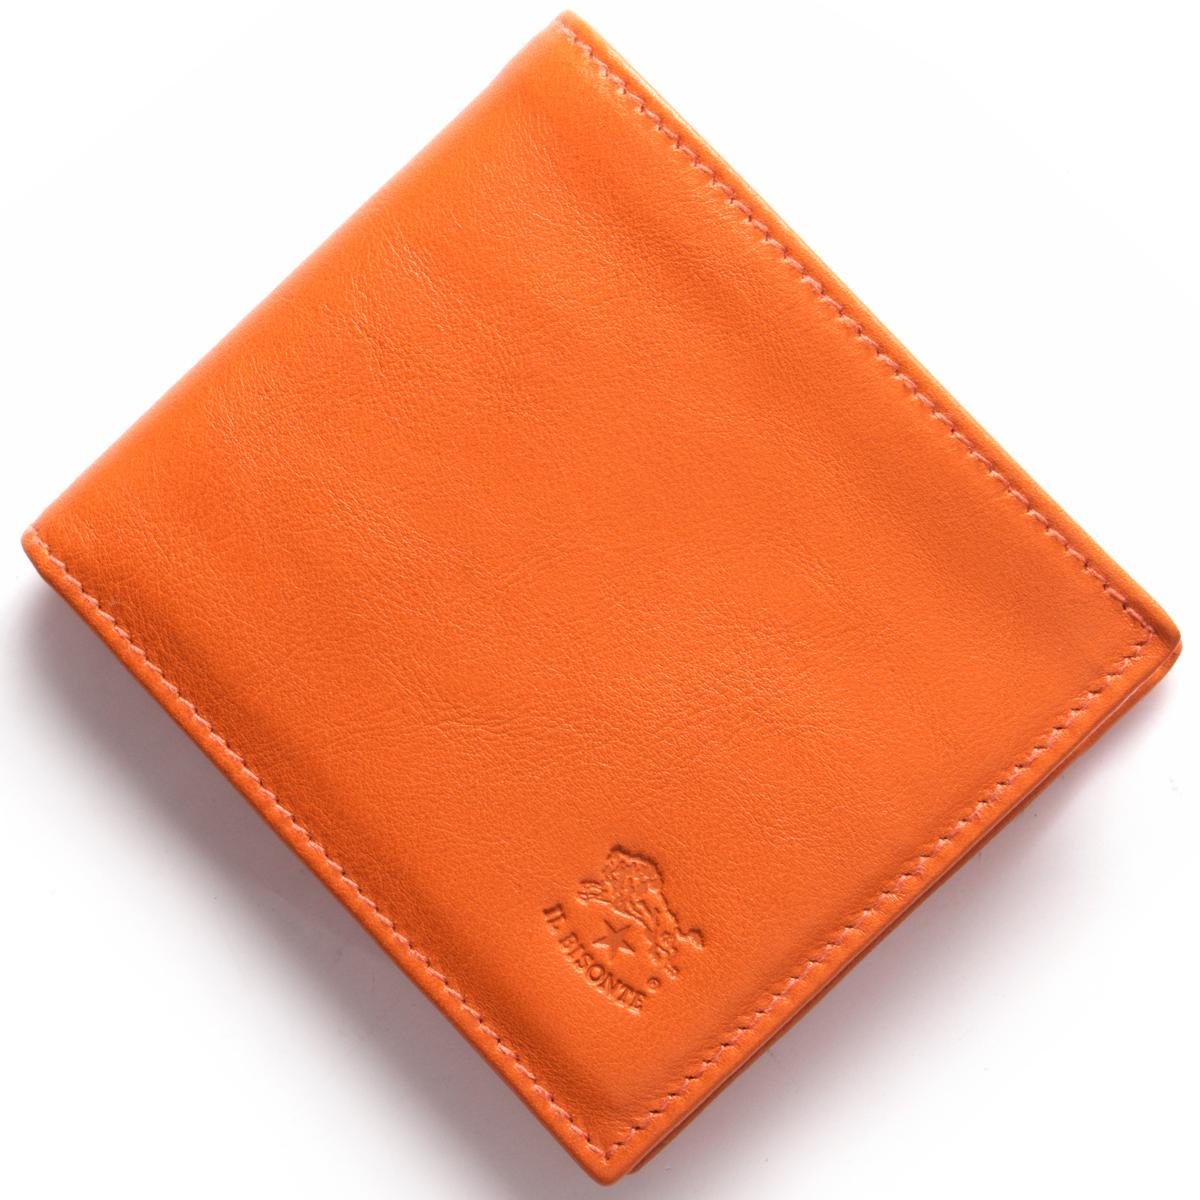 【最大3万円割引クーポン 11/01~】イルビゾンテ 二つ折り財布 財布 メンズ レディース スタンダード オレンジ C0817 P 166 IL BISONTE